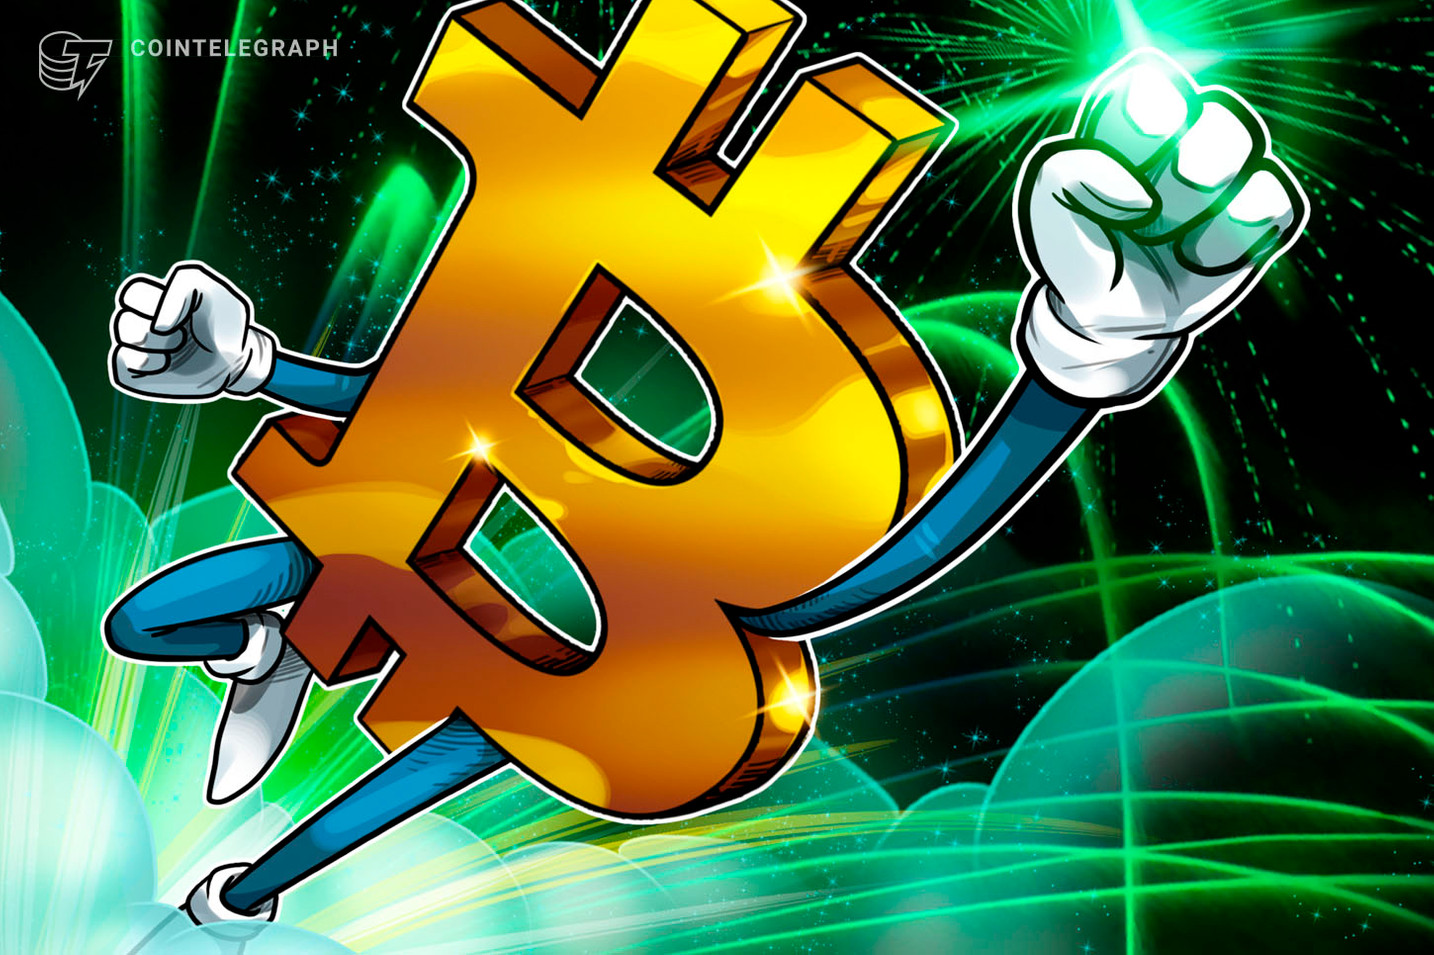 """""""Hallo, Uptober"""" – Bitcoin-Kurs steigt innerhalb von Minuten auf über 47.000 US-Dollar und führt zu Short Squeeze"""